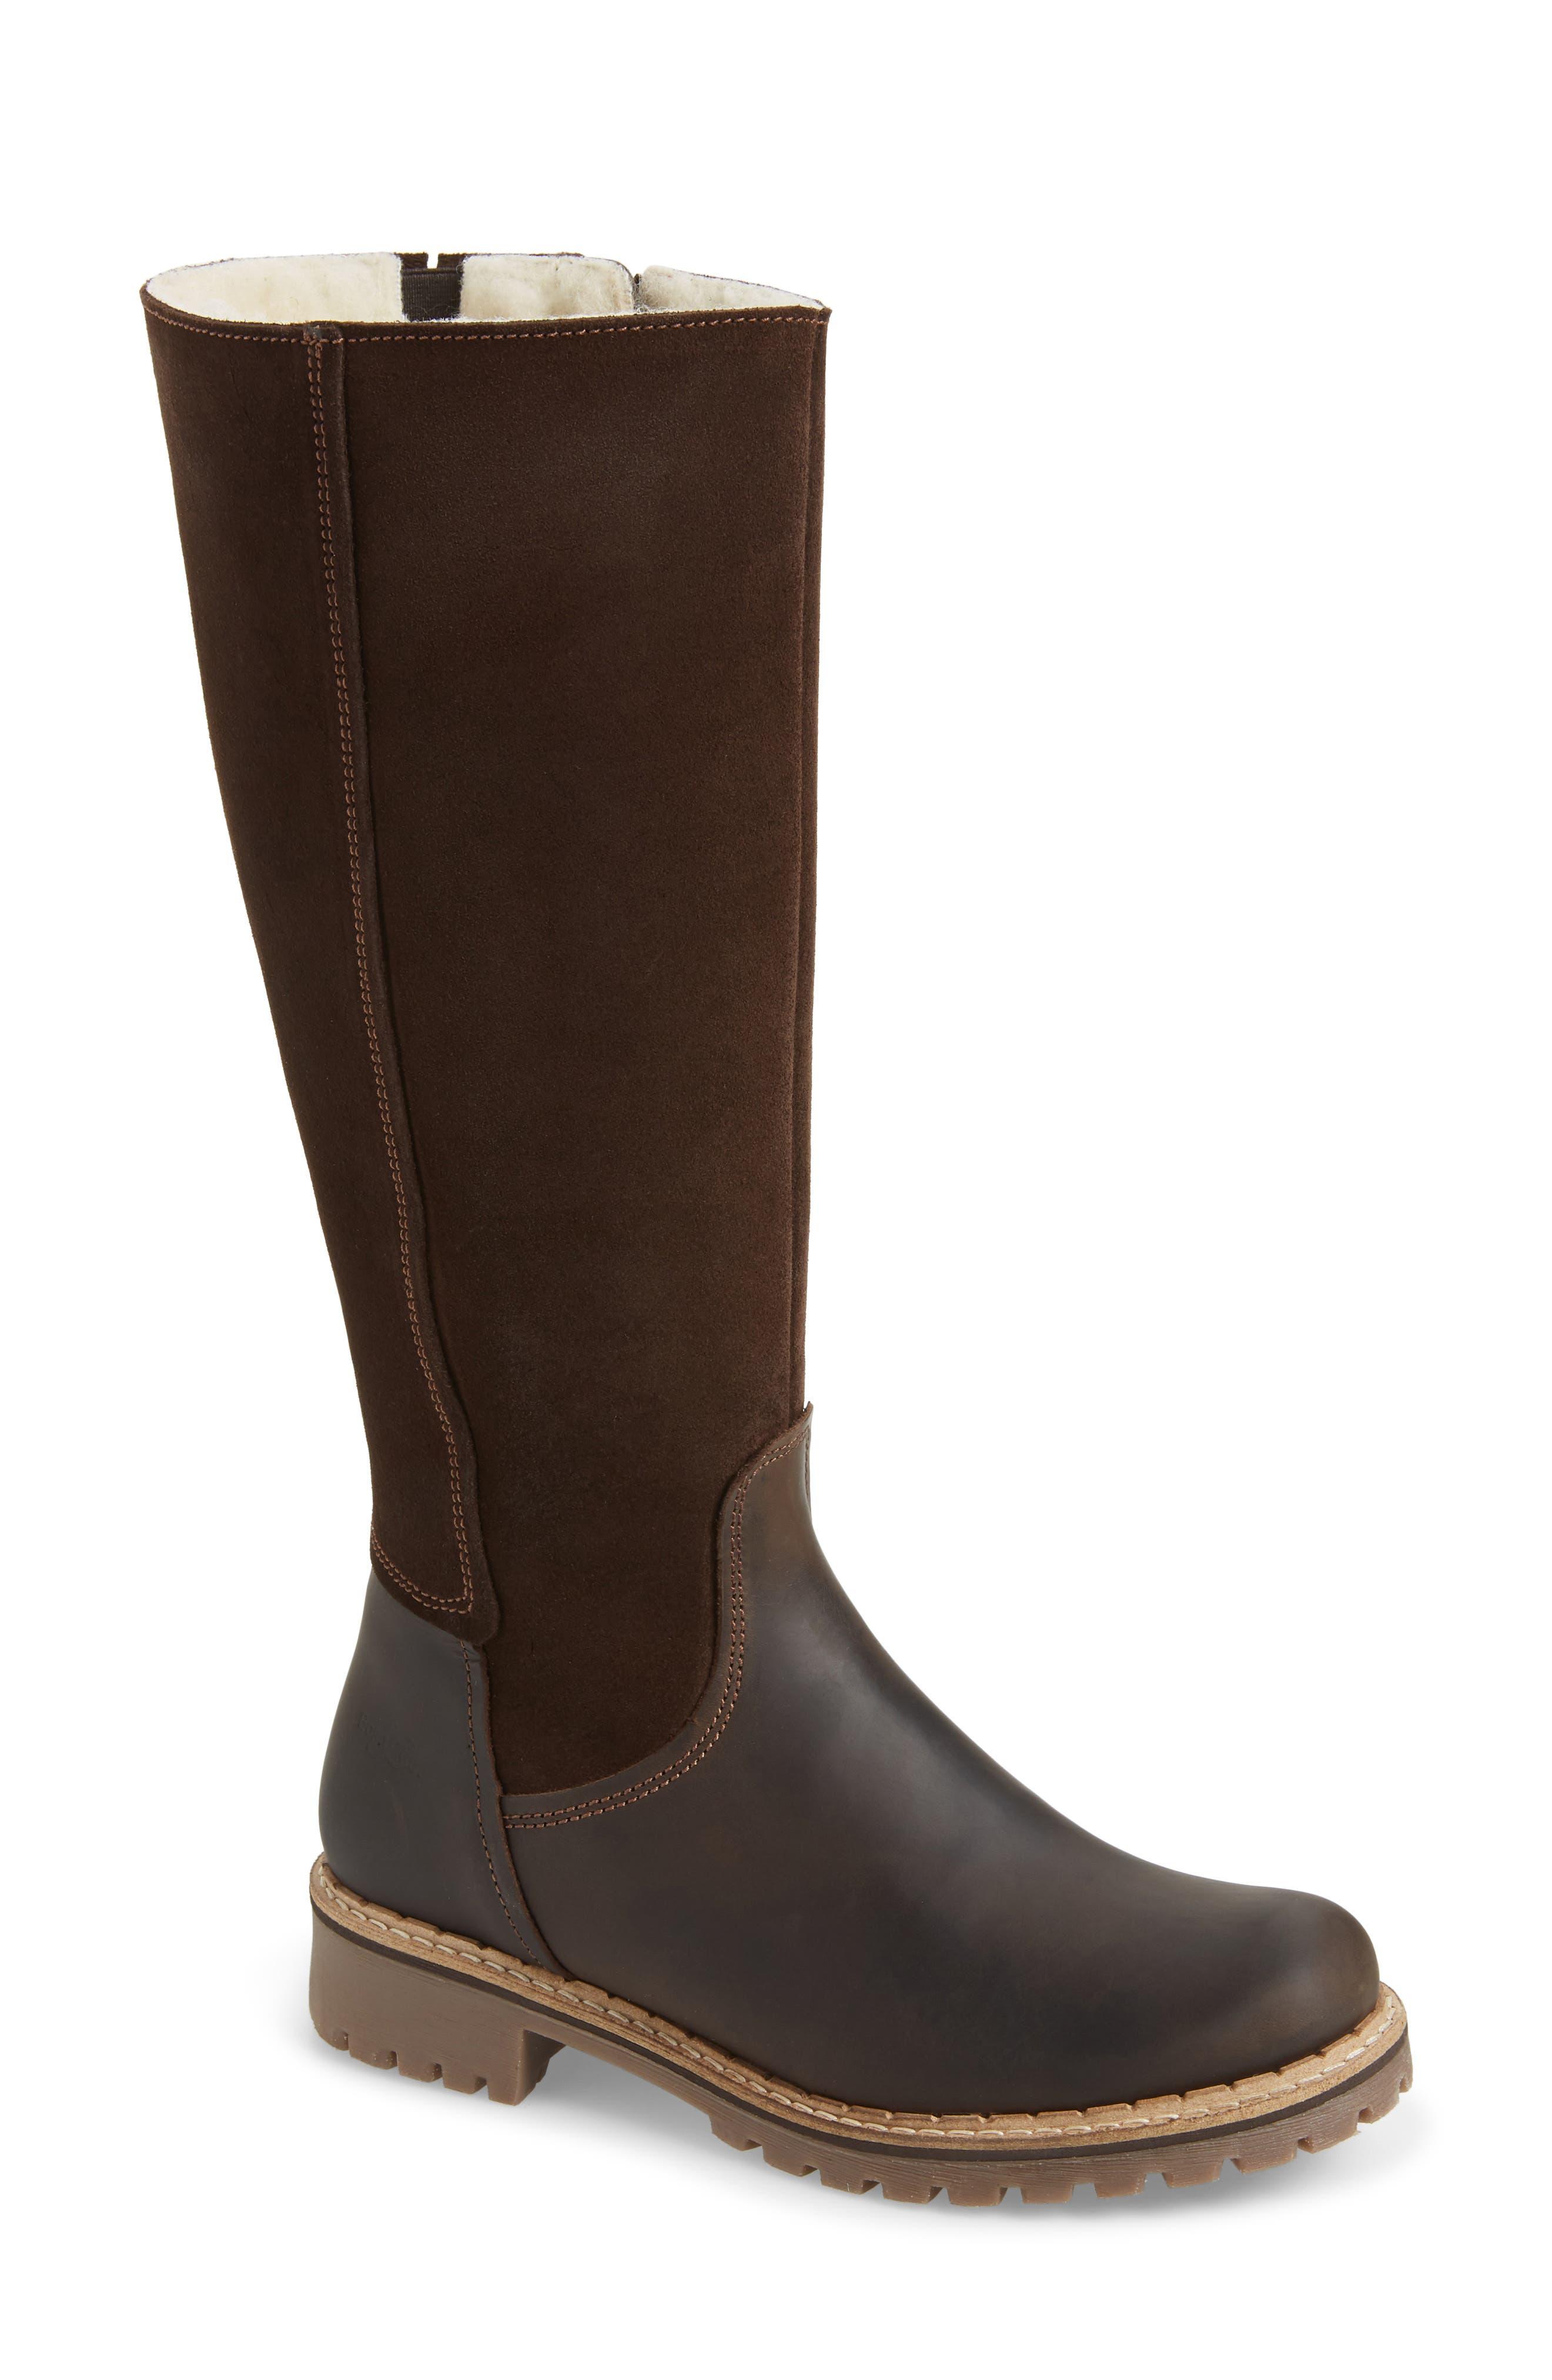 Bos. & Co. Hudson Waterproof Boot, Brown